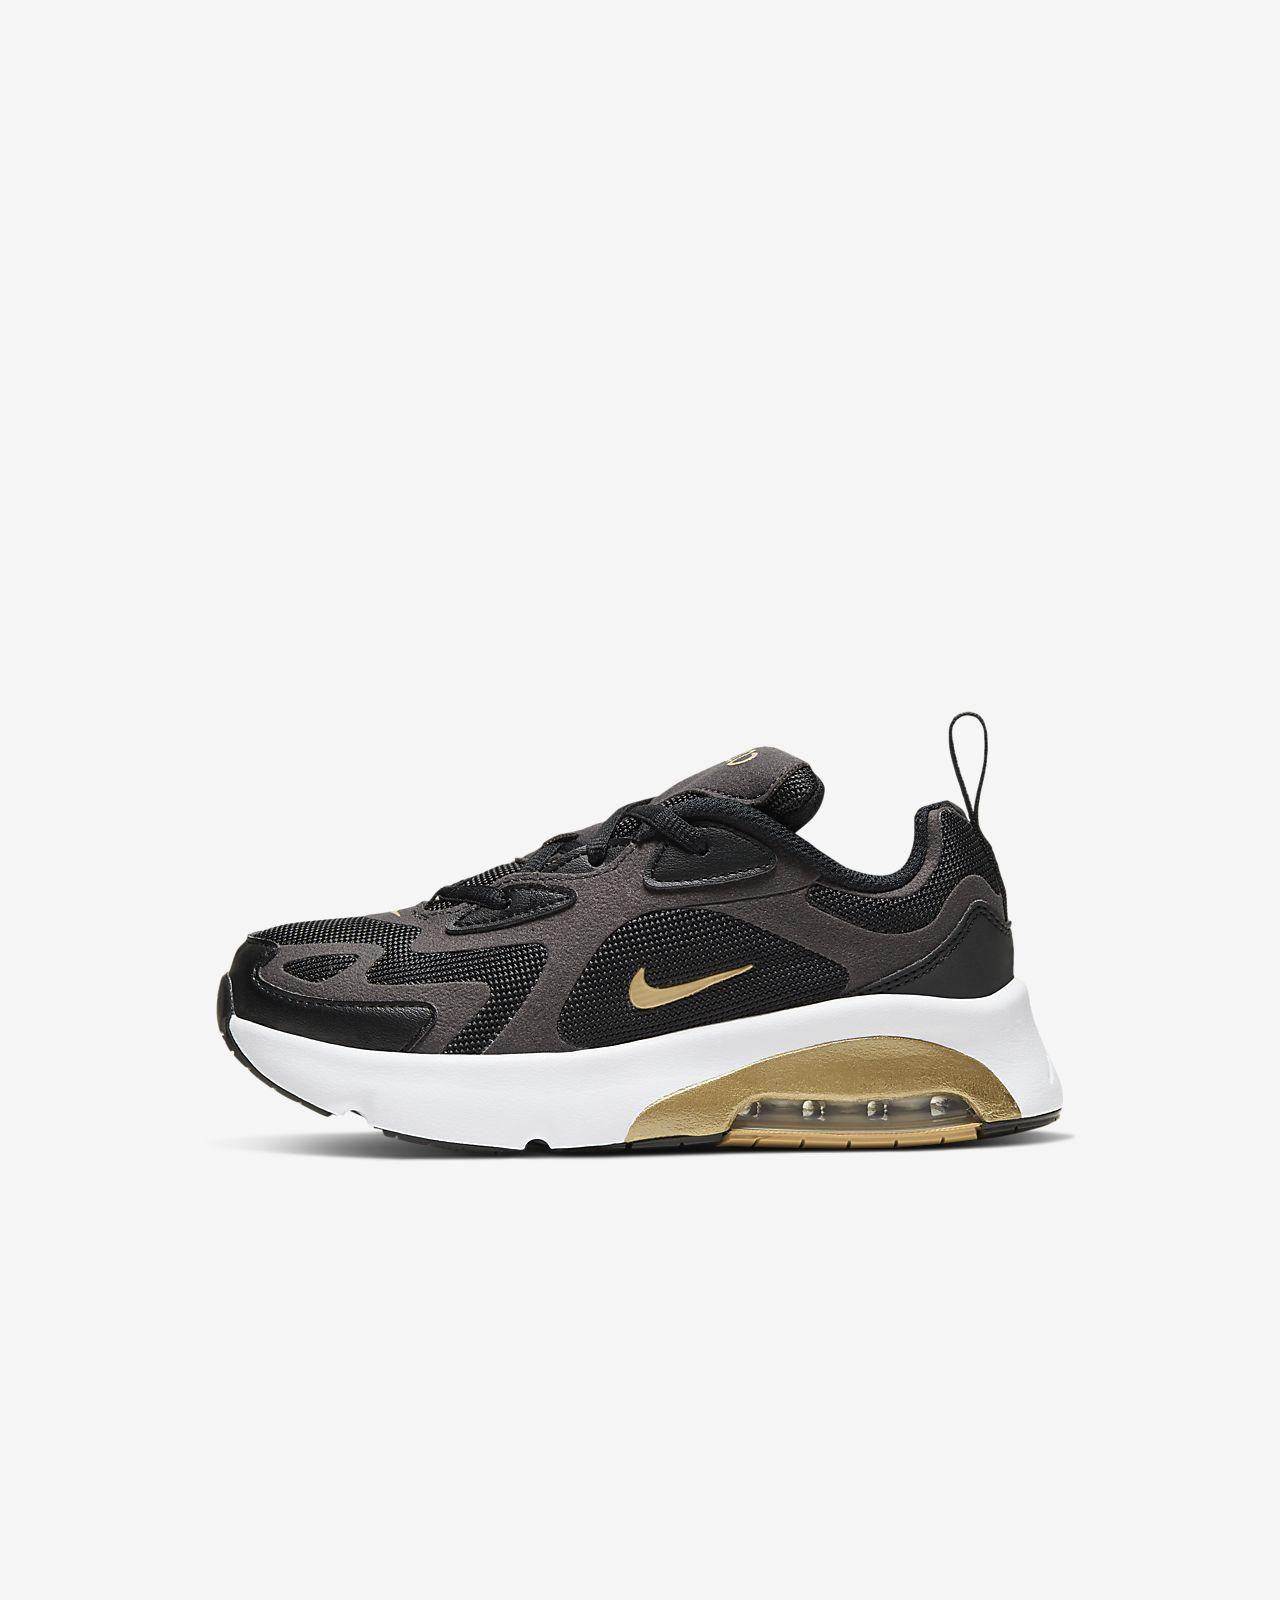 200 Air und Schuhe Nike Max Herren9fpq2Tnd Damen oben für WdCxeBro